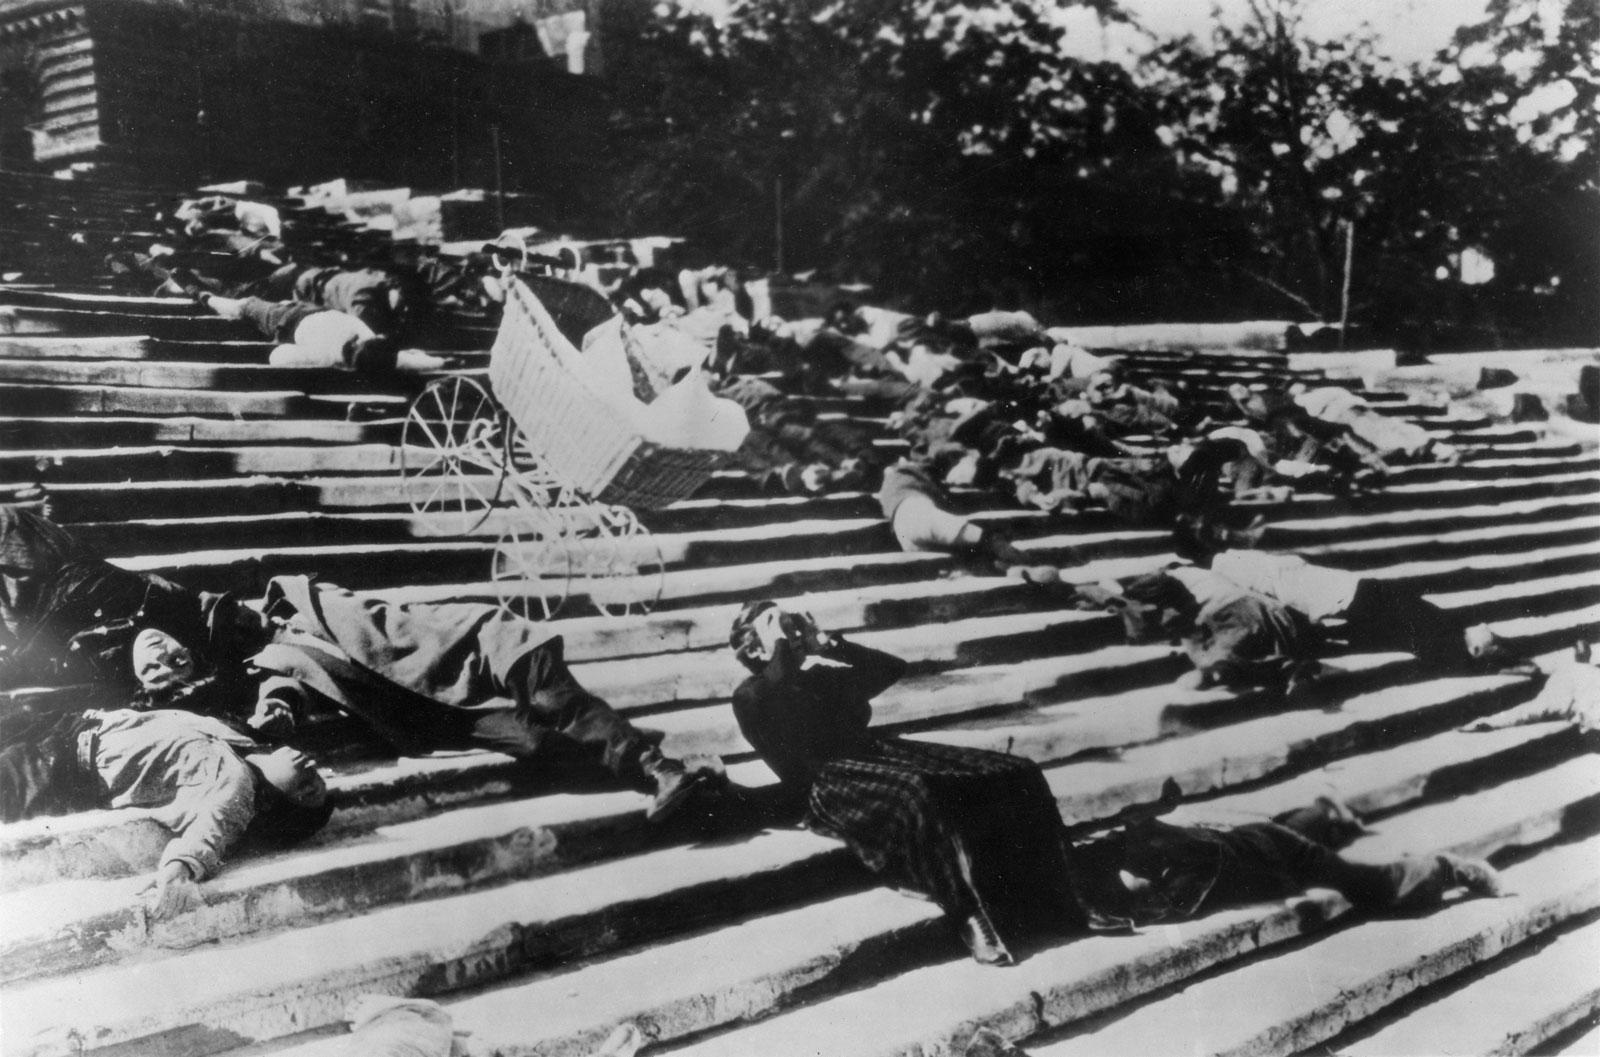 scene-battleship-potemkin-sequence-the-odessa-steps.jpg